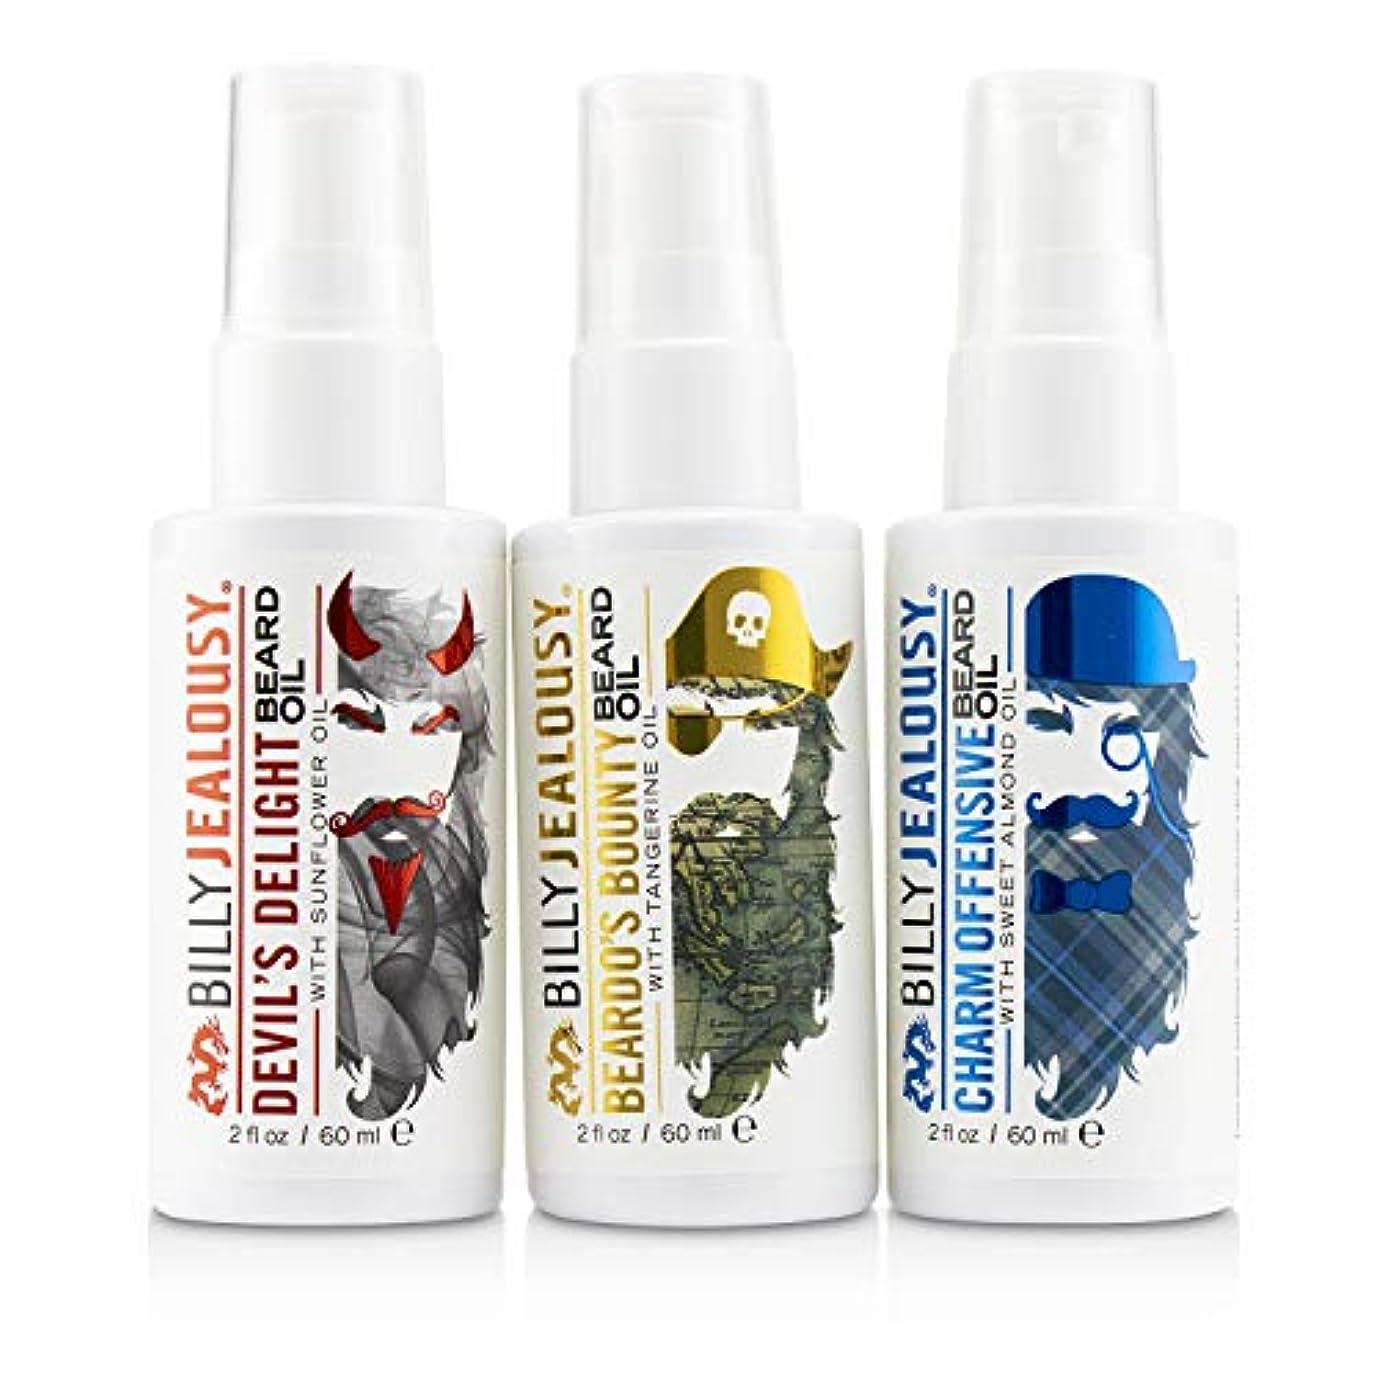 発掘するご予約ジュニアビリージェラシー 3 Amigos Beard Oil Trio Set : 1x Beardo's Bounty 60ml + 1x Devil's Delight 60ml + Charm Offensive 3pcs...